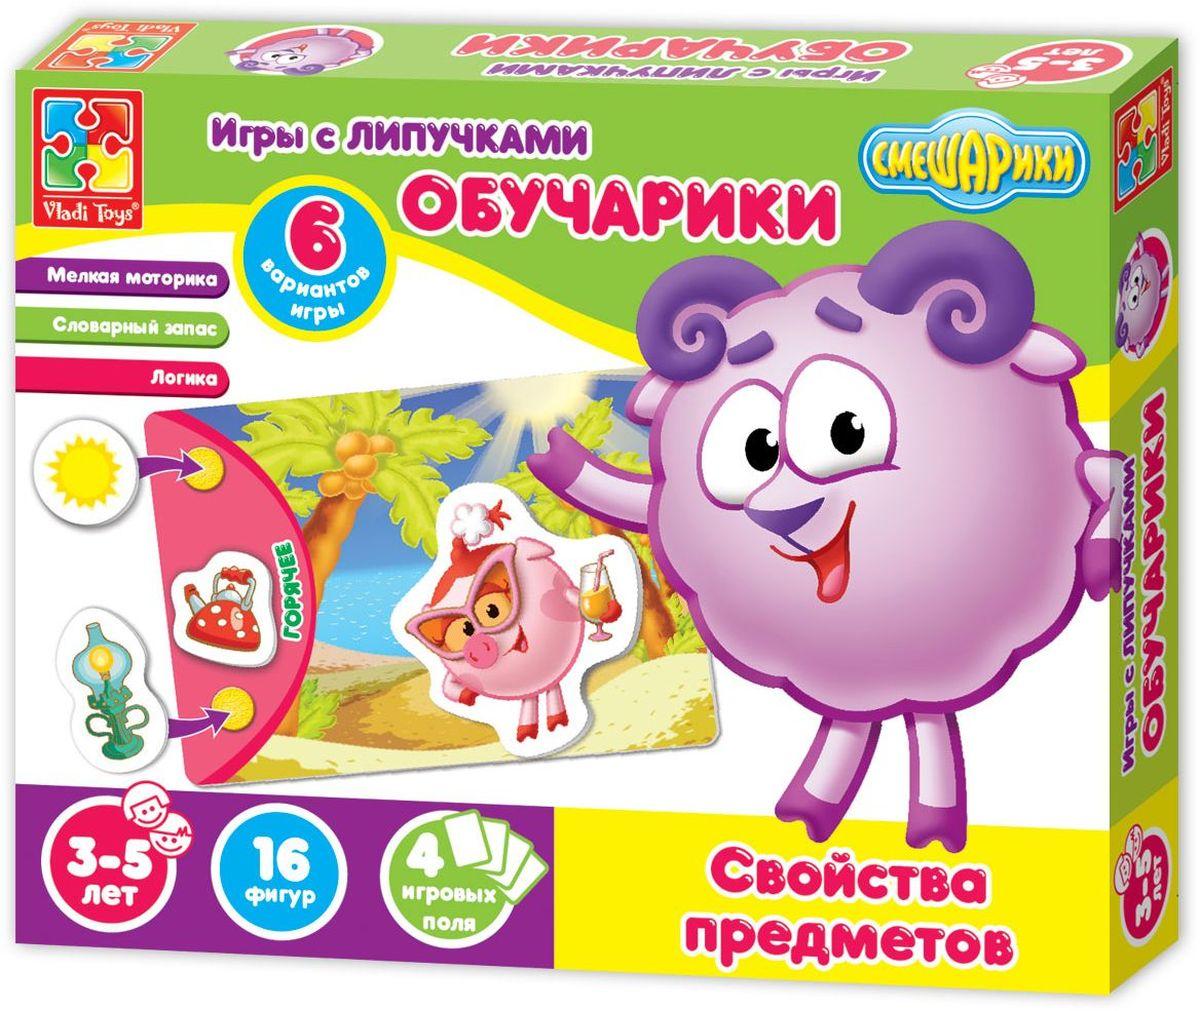 Vladi Toys Игра с липучками Обучарики Свойства предметов vladi toys развивающая игра 3 в 1 ежик в лесу